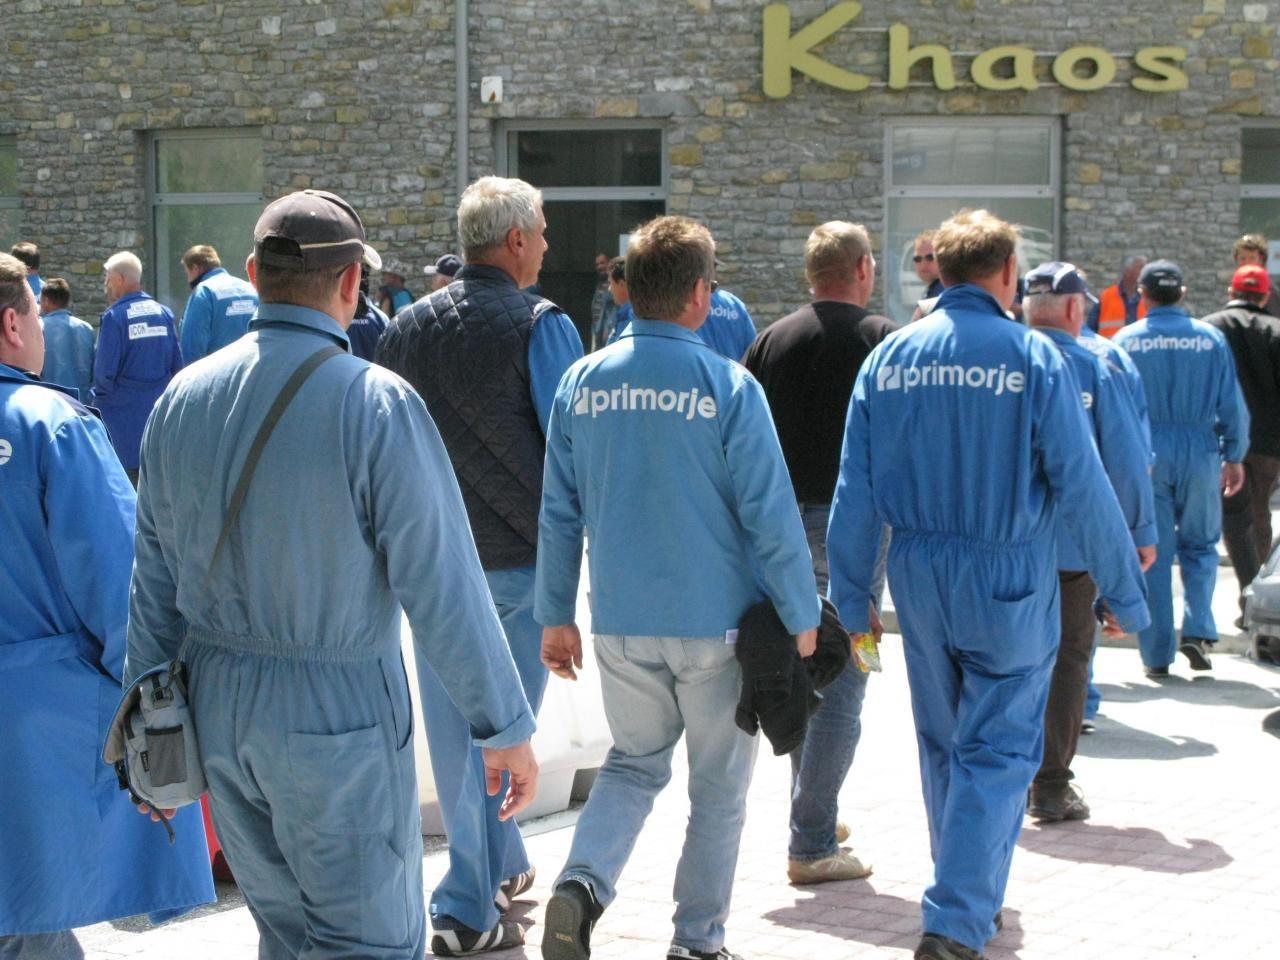 Delavci Primorje